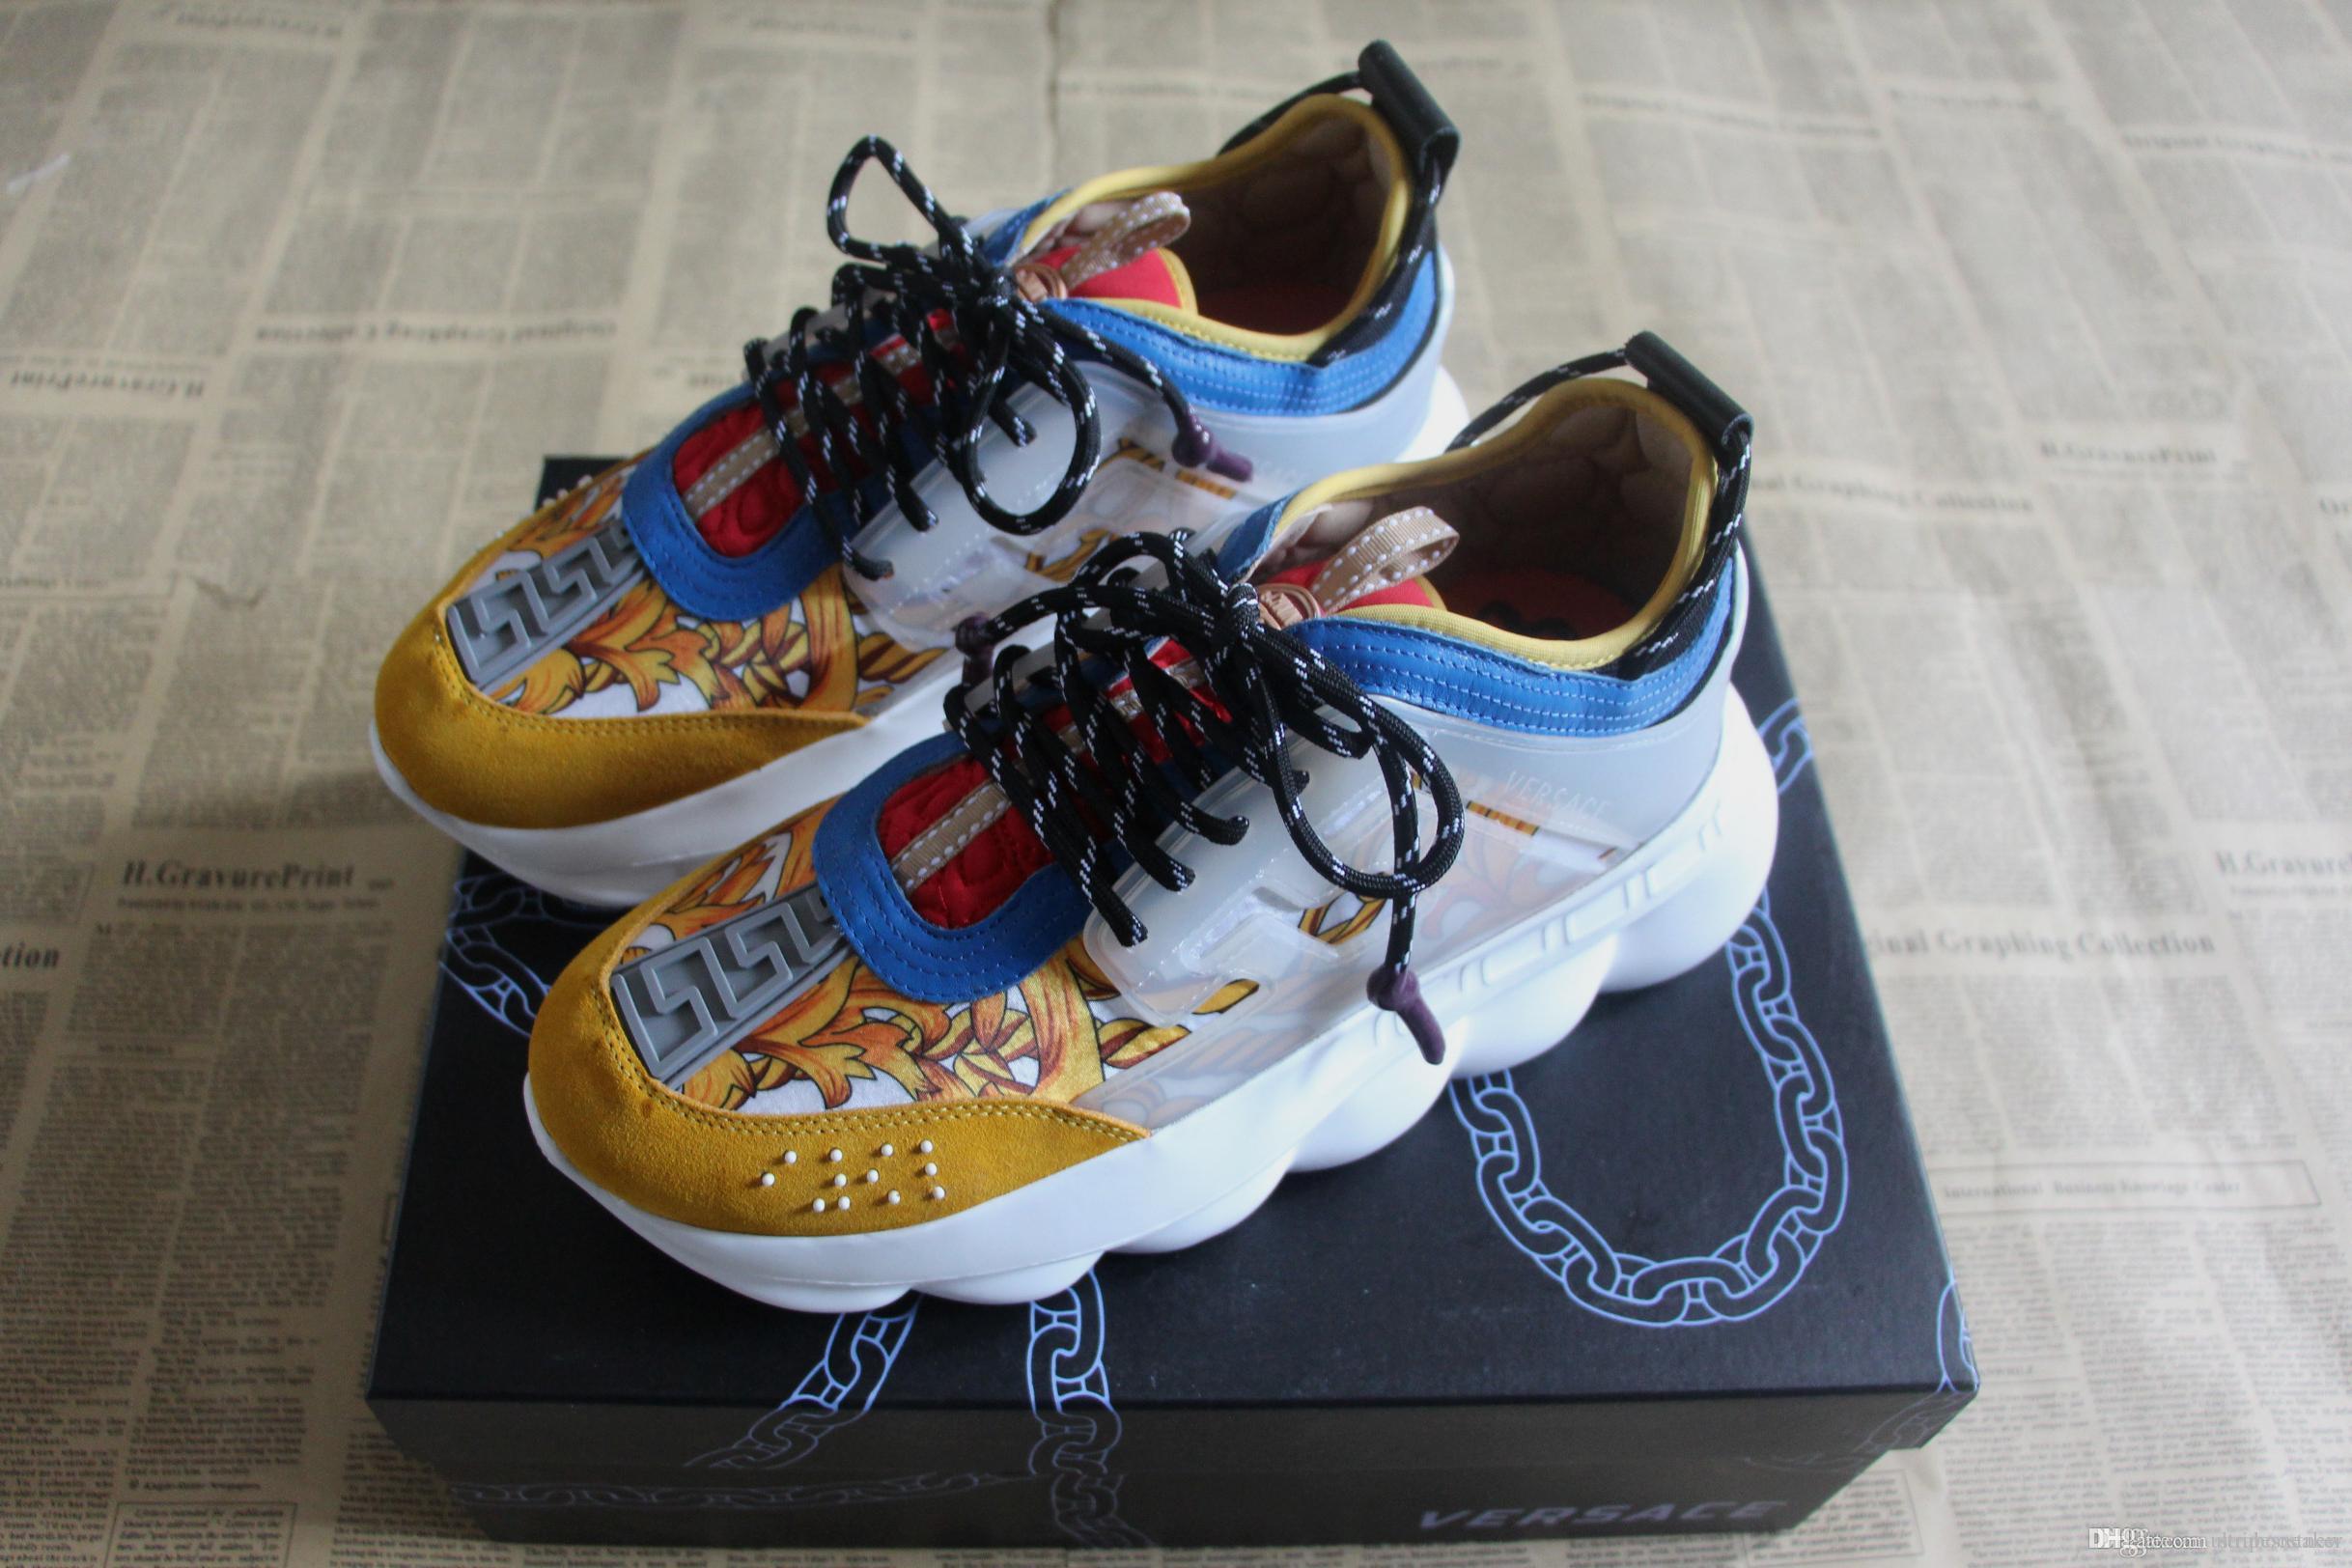 b6ec7fa4fc Nueva Moda CHAIN REACTION Zapatillas Para Hombre Mujer Cuero Real es De  Calidad Superior Exclusivos Zapatos De Diseño Italiano En Venta Bi Por ...